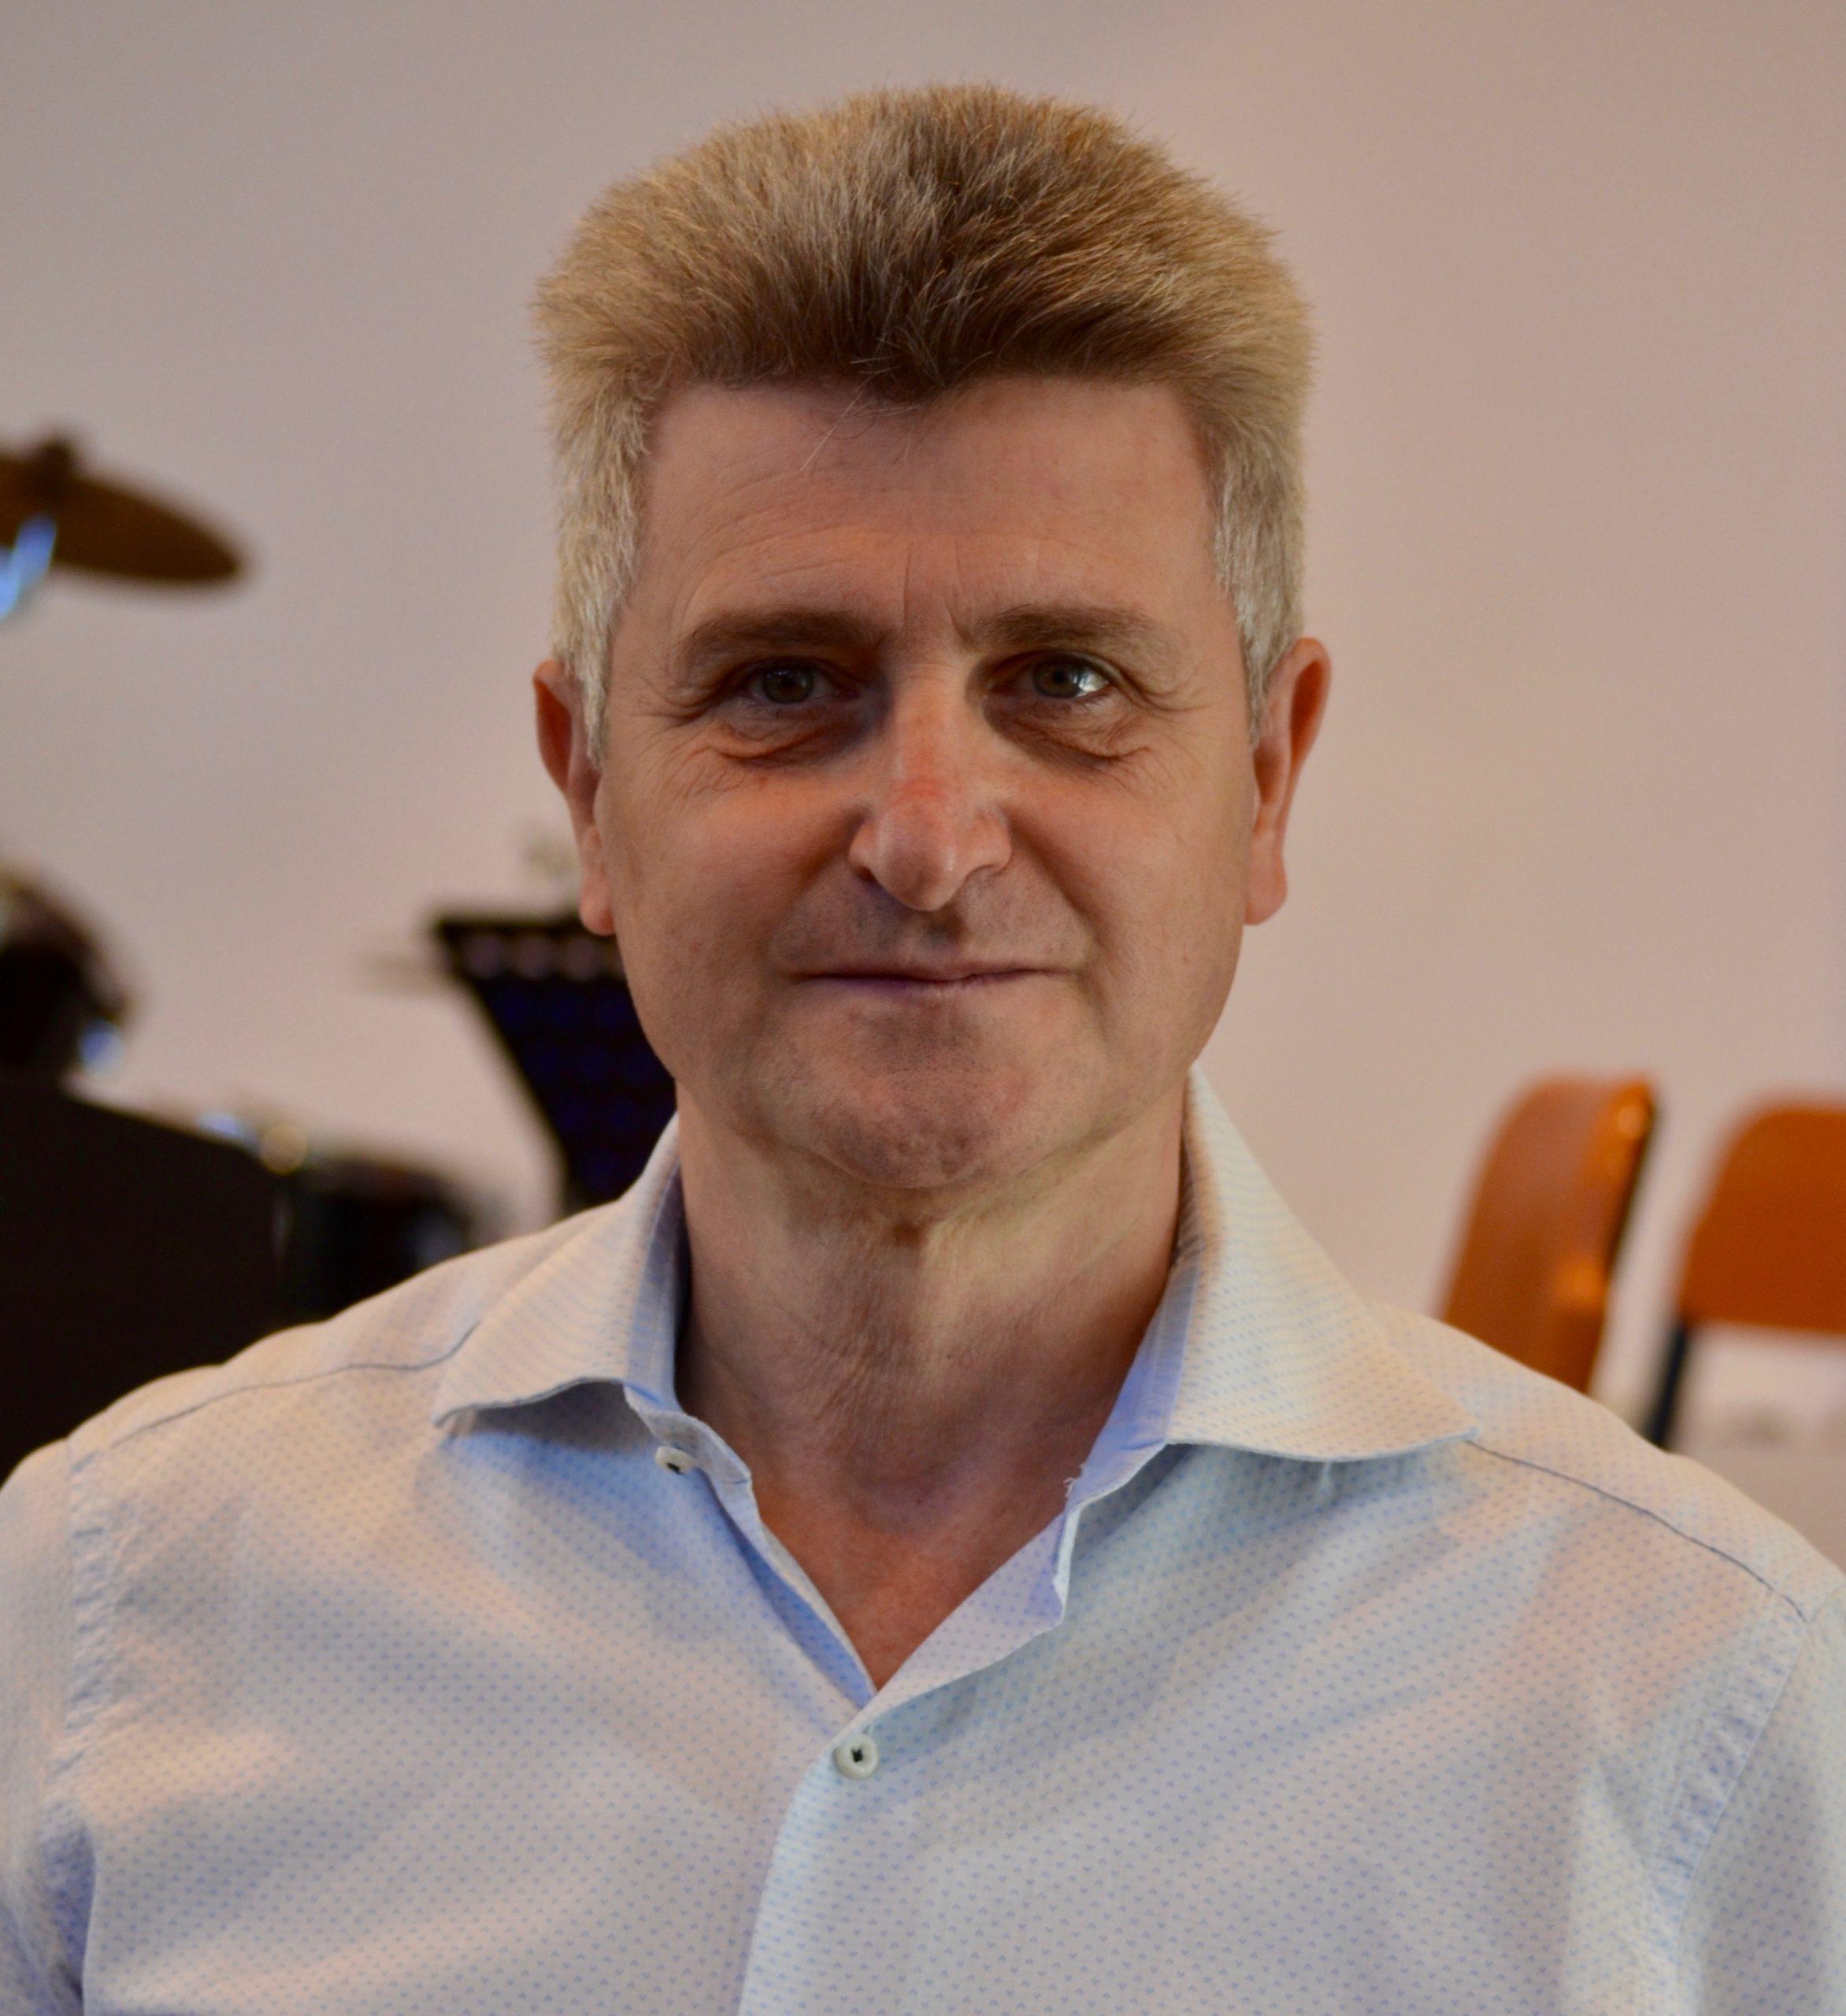 Giuseppe cultraro